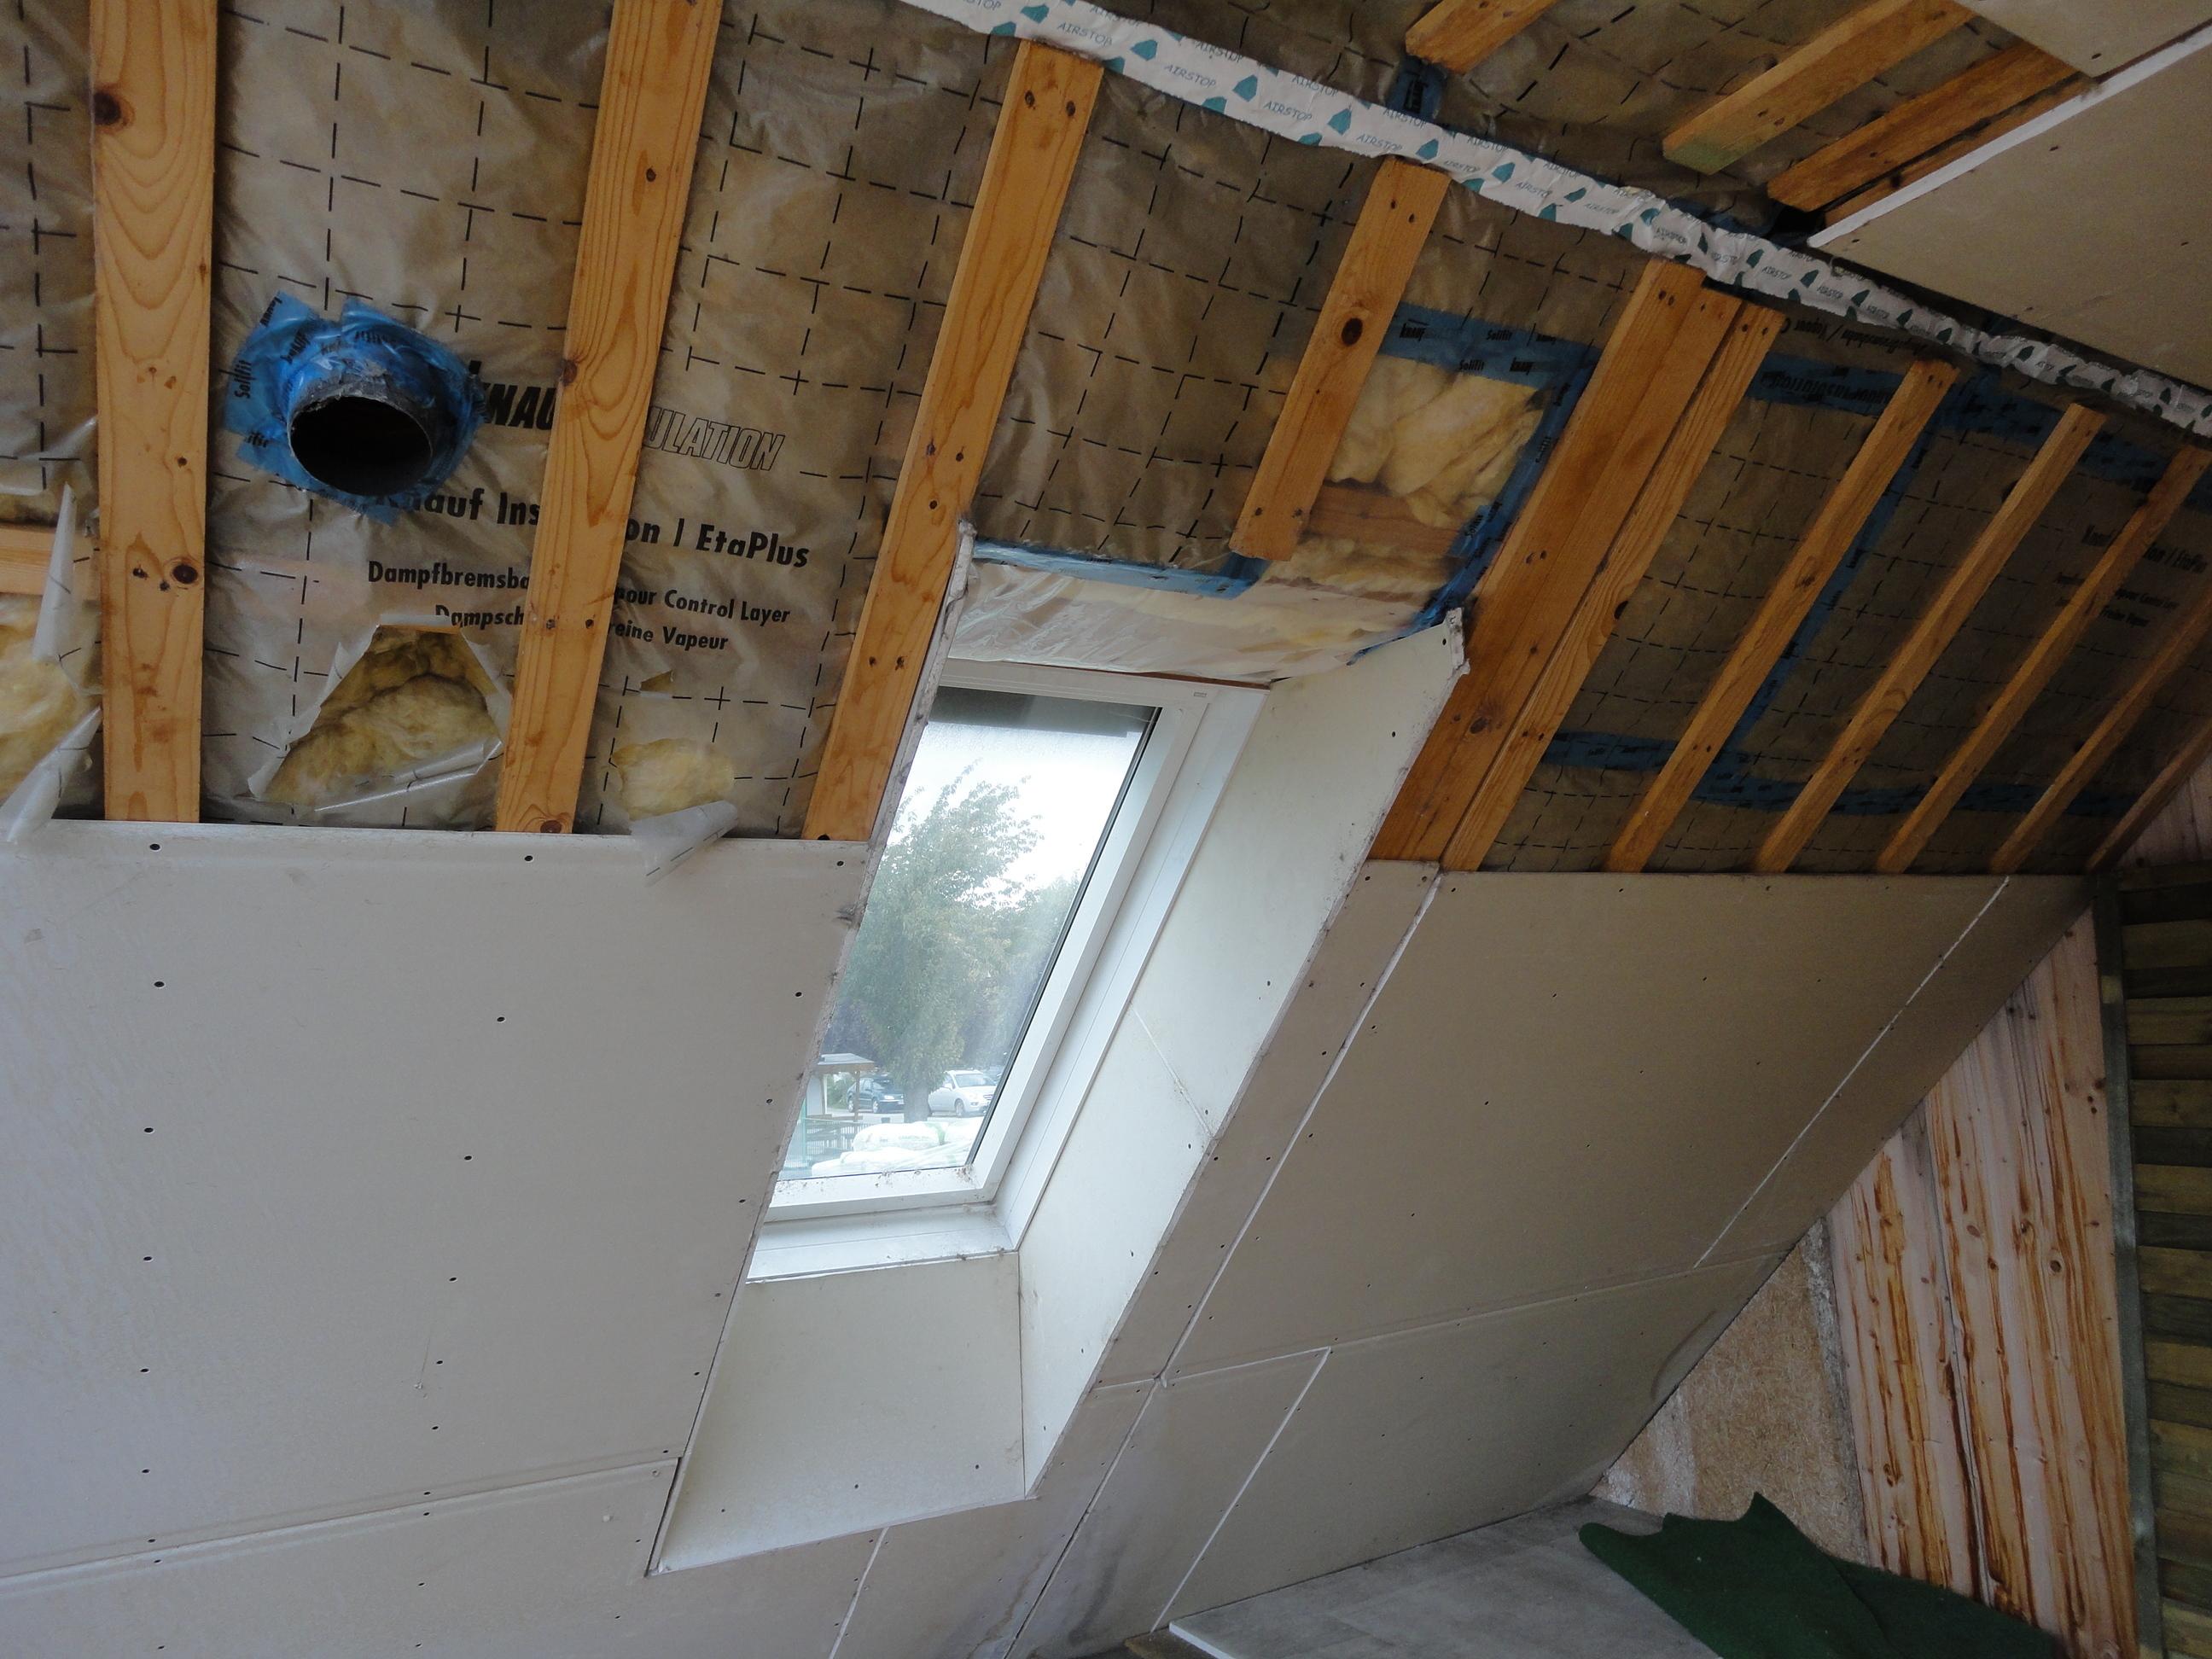 Dachboden Fußboden Dämmen ~ Dachbodenausbau dachboden fachgerecht ausbauen lagerhaus